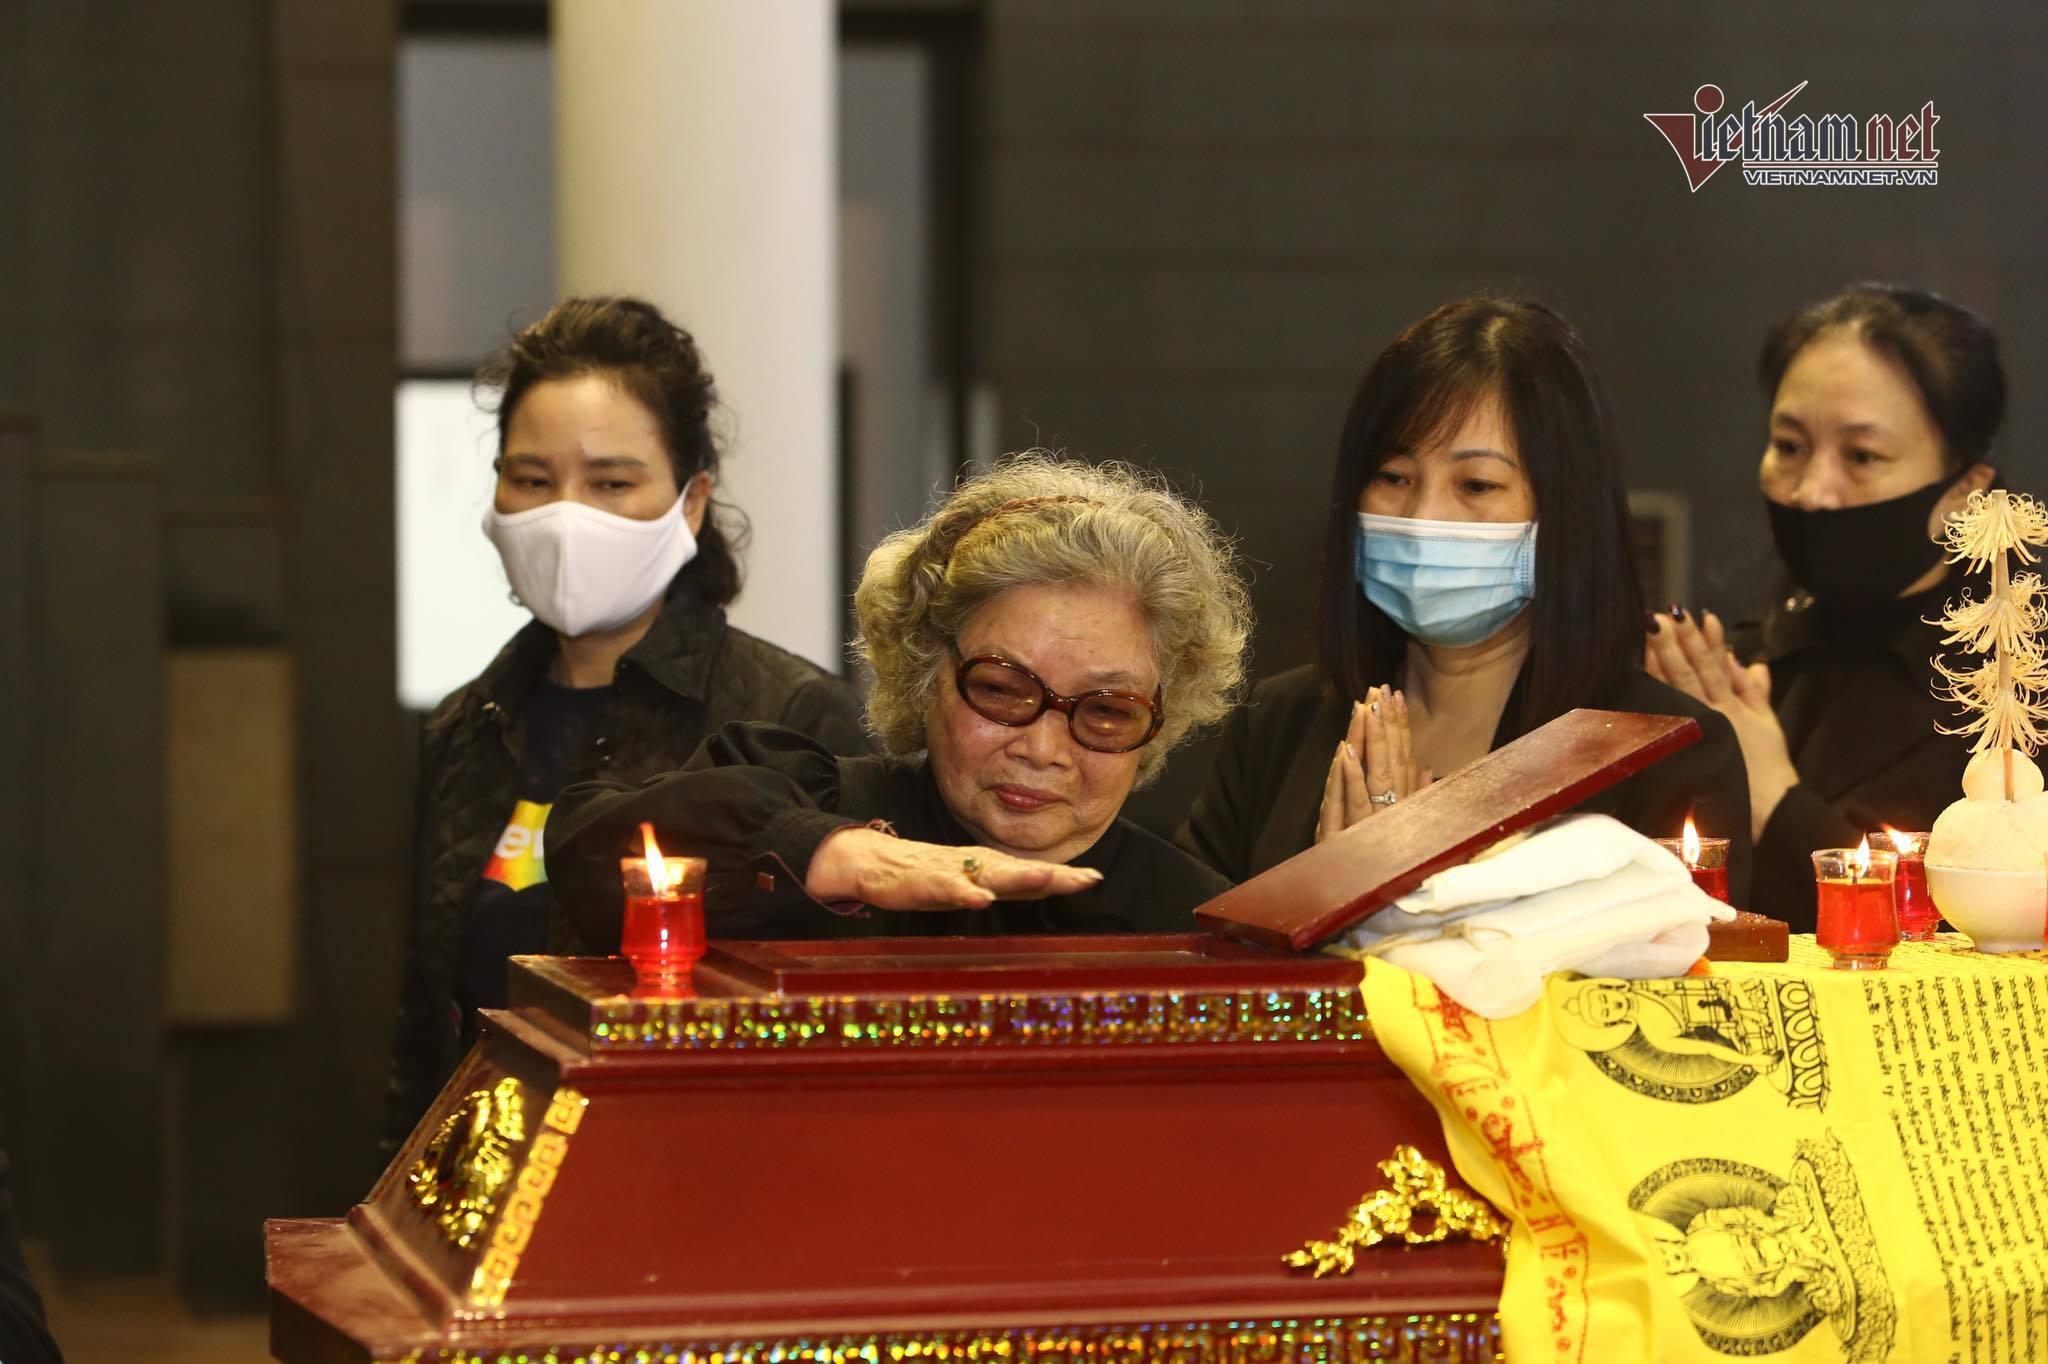 'NSND Trần Hạnh tình cảm, sống tốt, 10 năm anh chăm sóc vợ ốm'